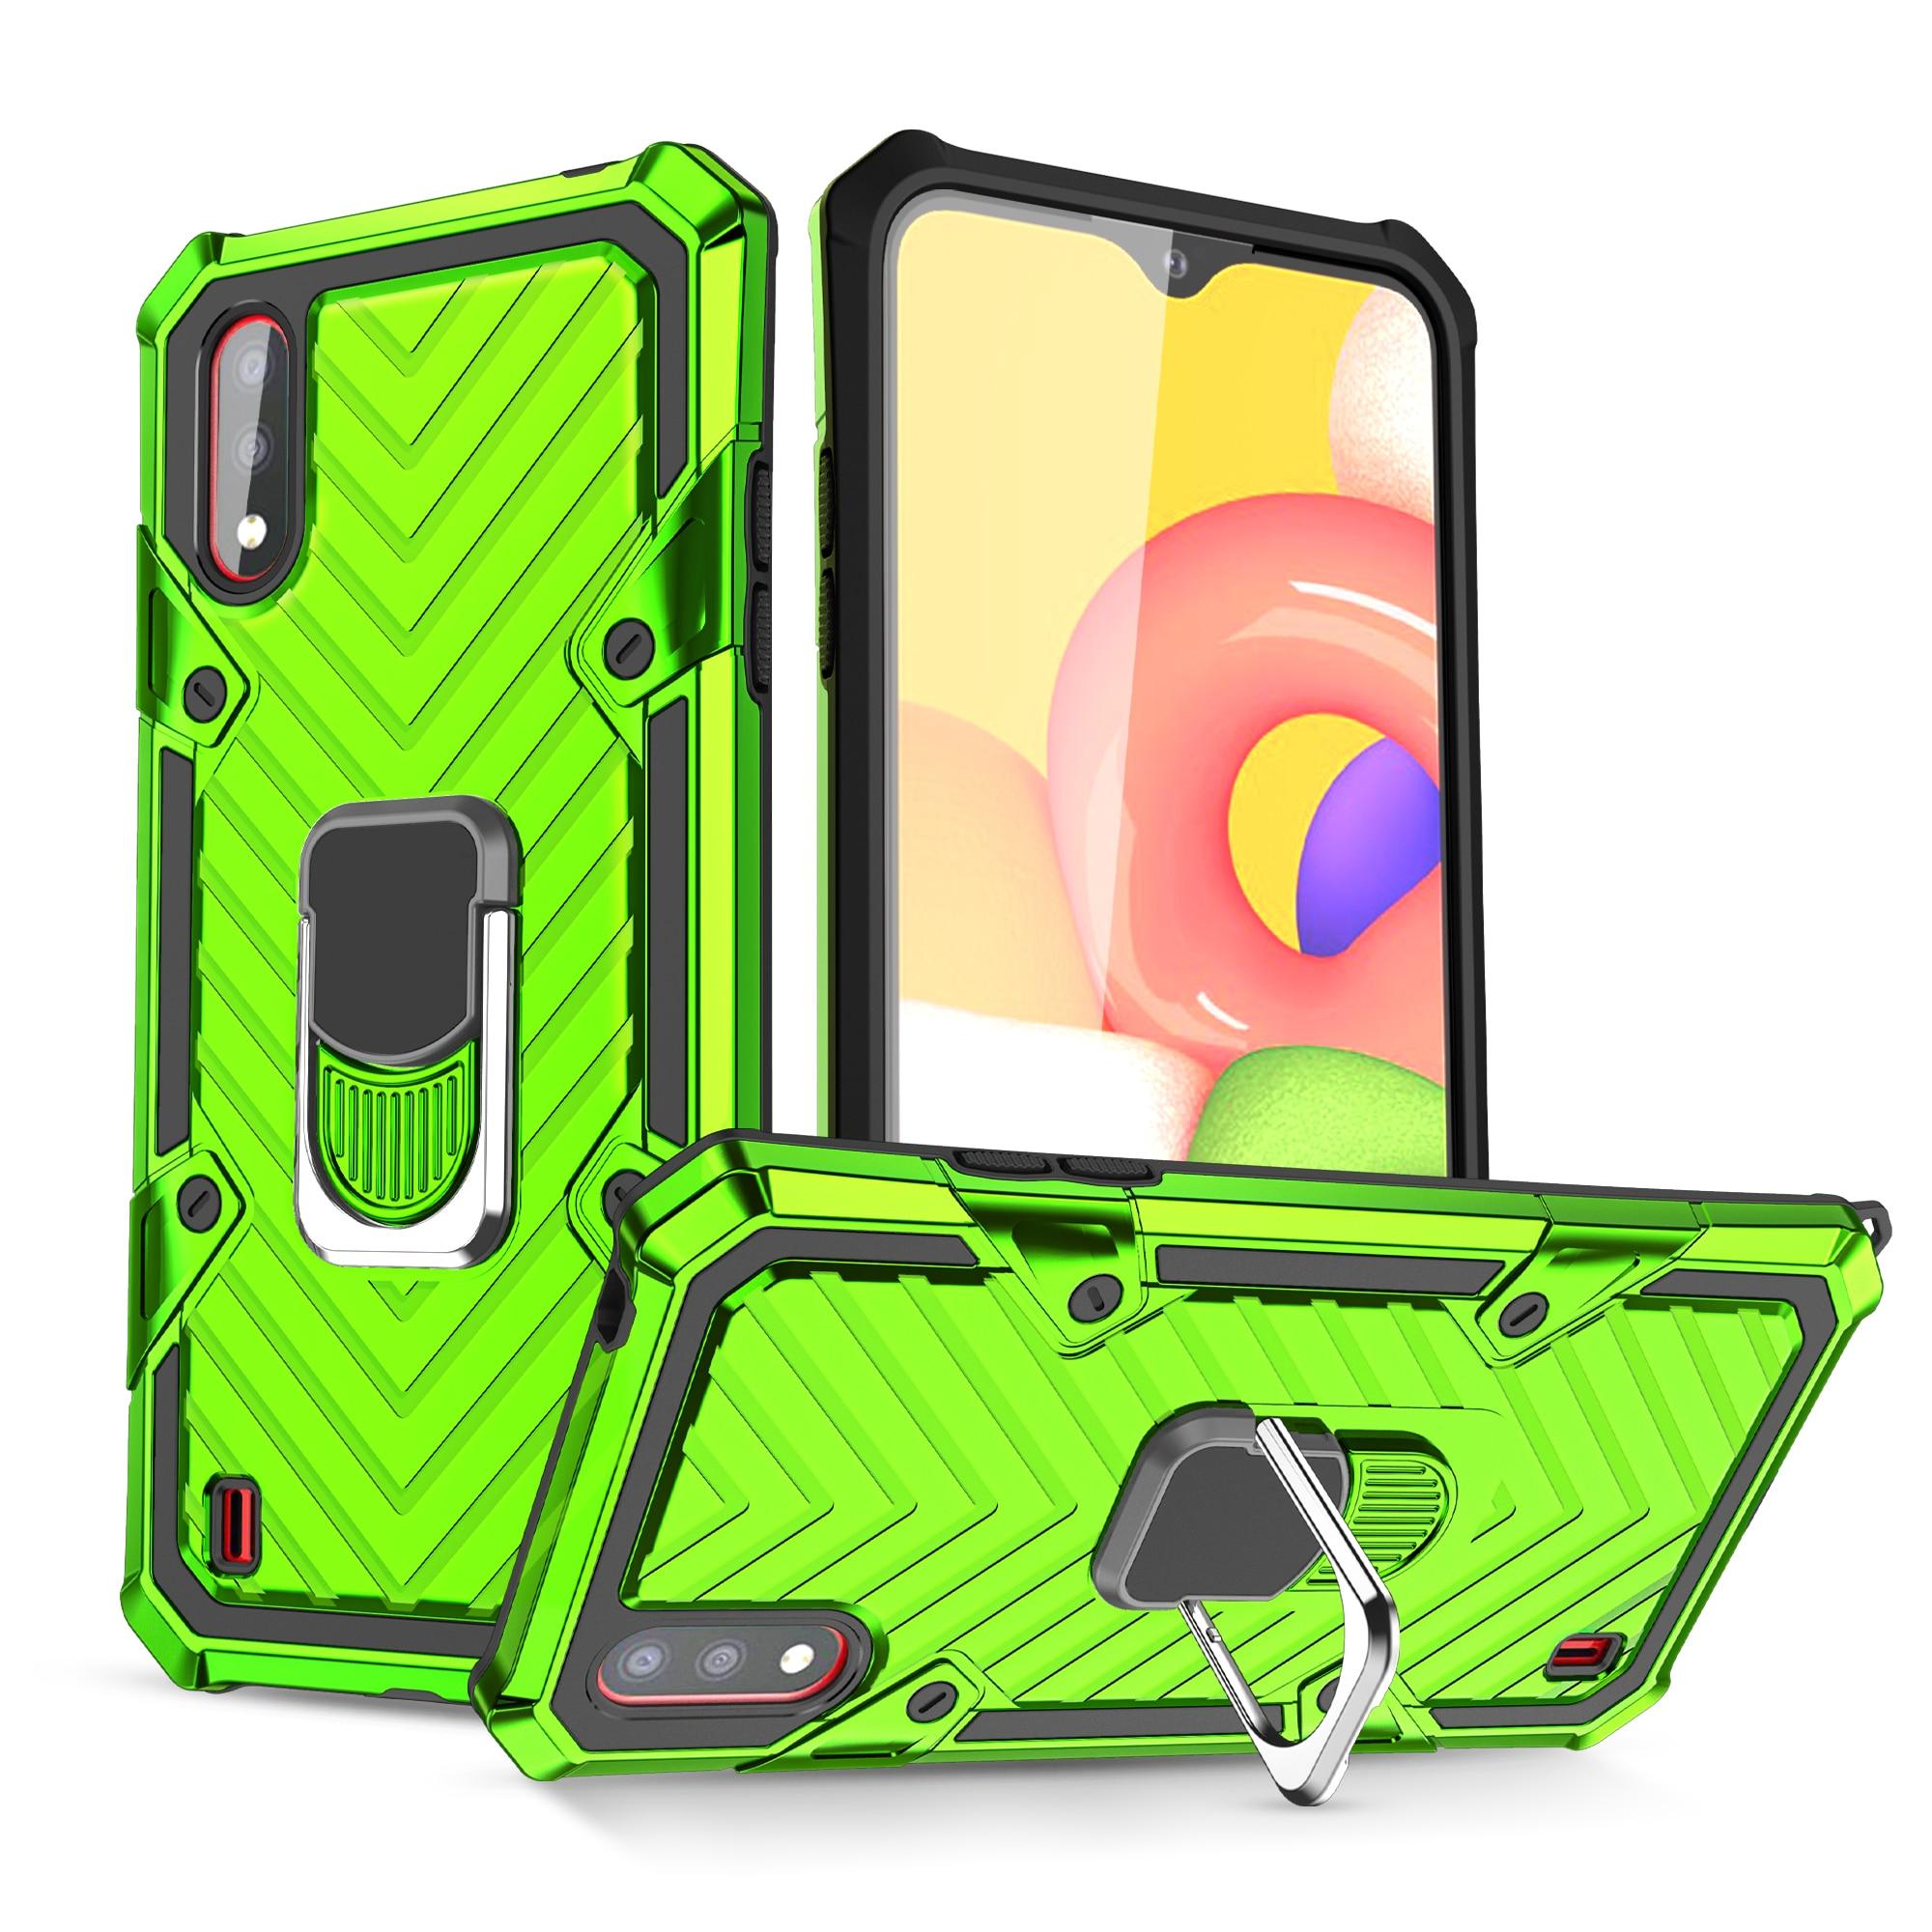 Модный роскошный тяжелый защитный чехол с кольцом на палец для телефона Samsung Galaxy A01 A41 A51 A71 A81 A91 A21 A11 чехол из ТПУ